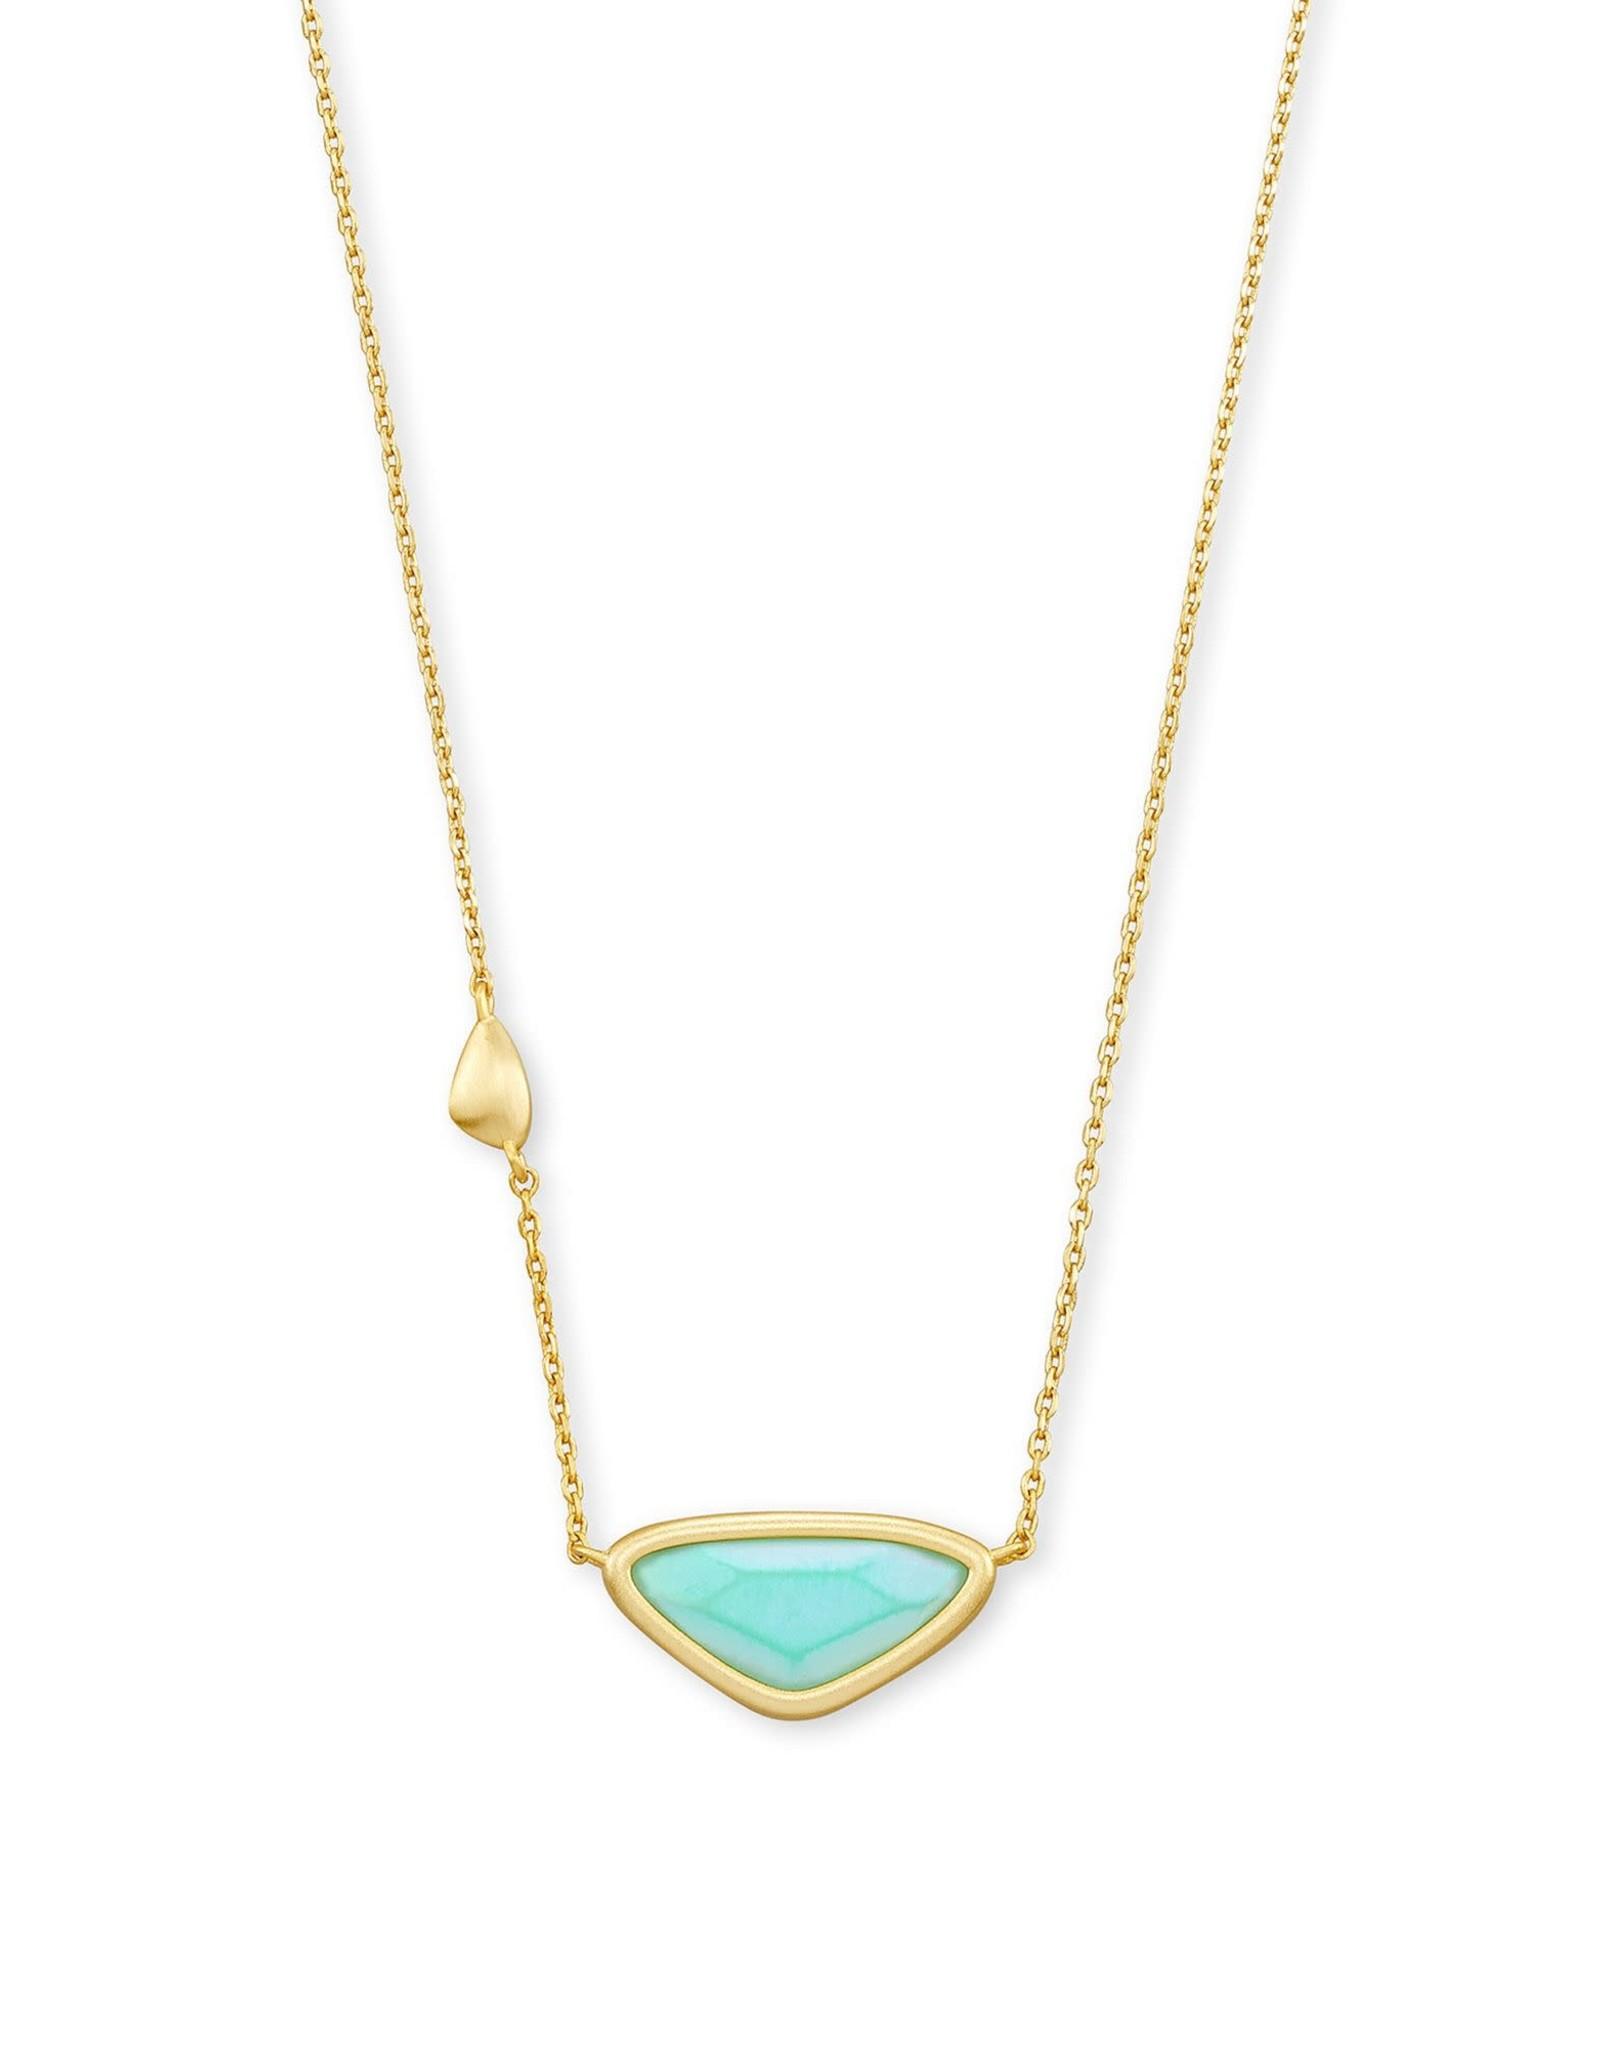 Kendra Scott Margot Pendant Necklace - Matte Iridescent Mint/Gold